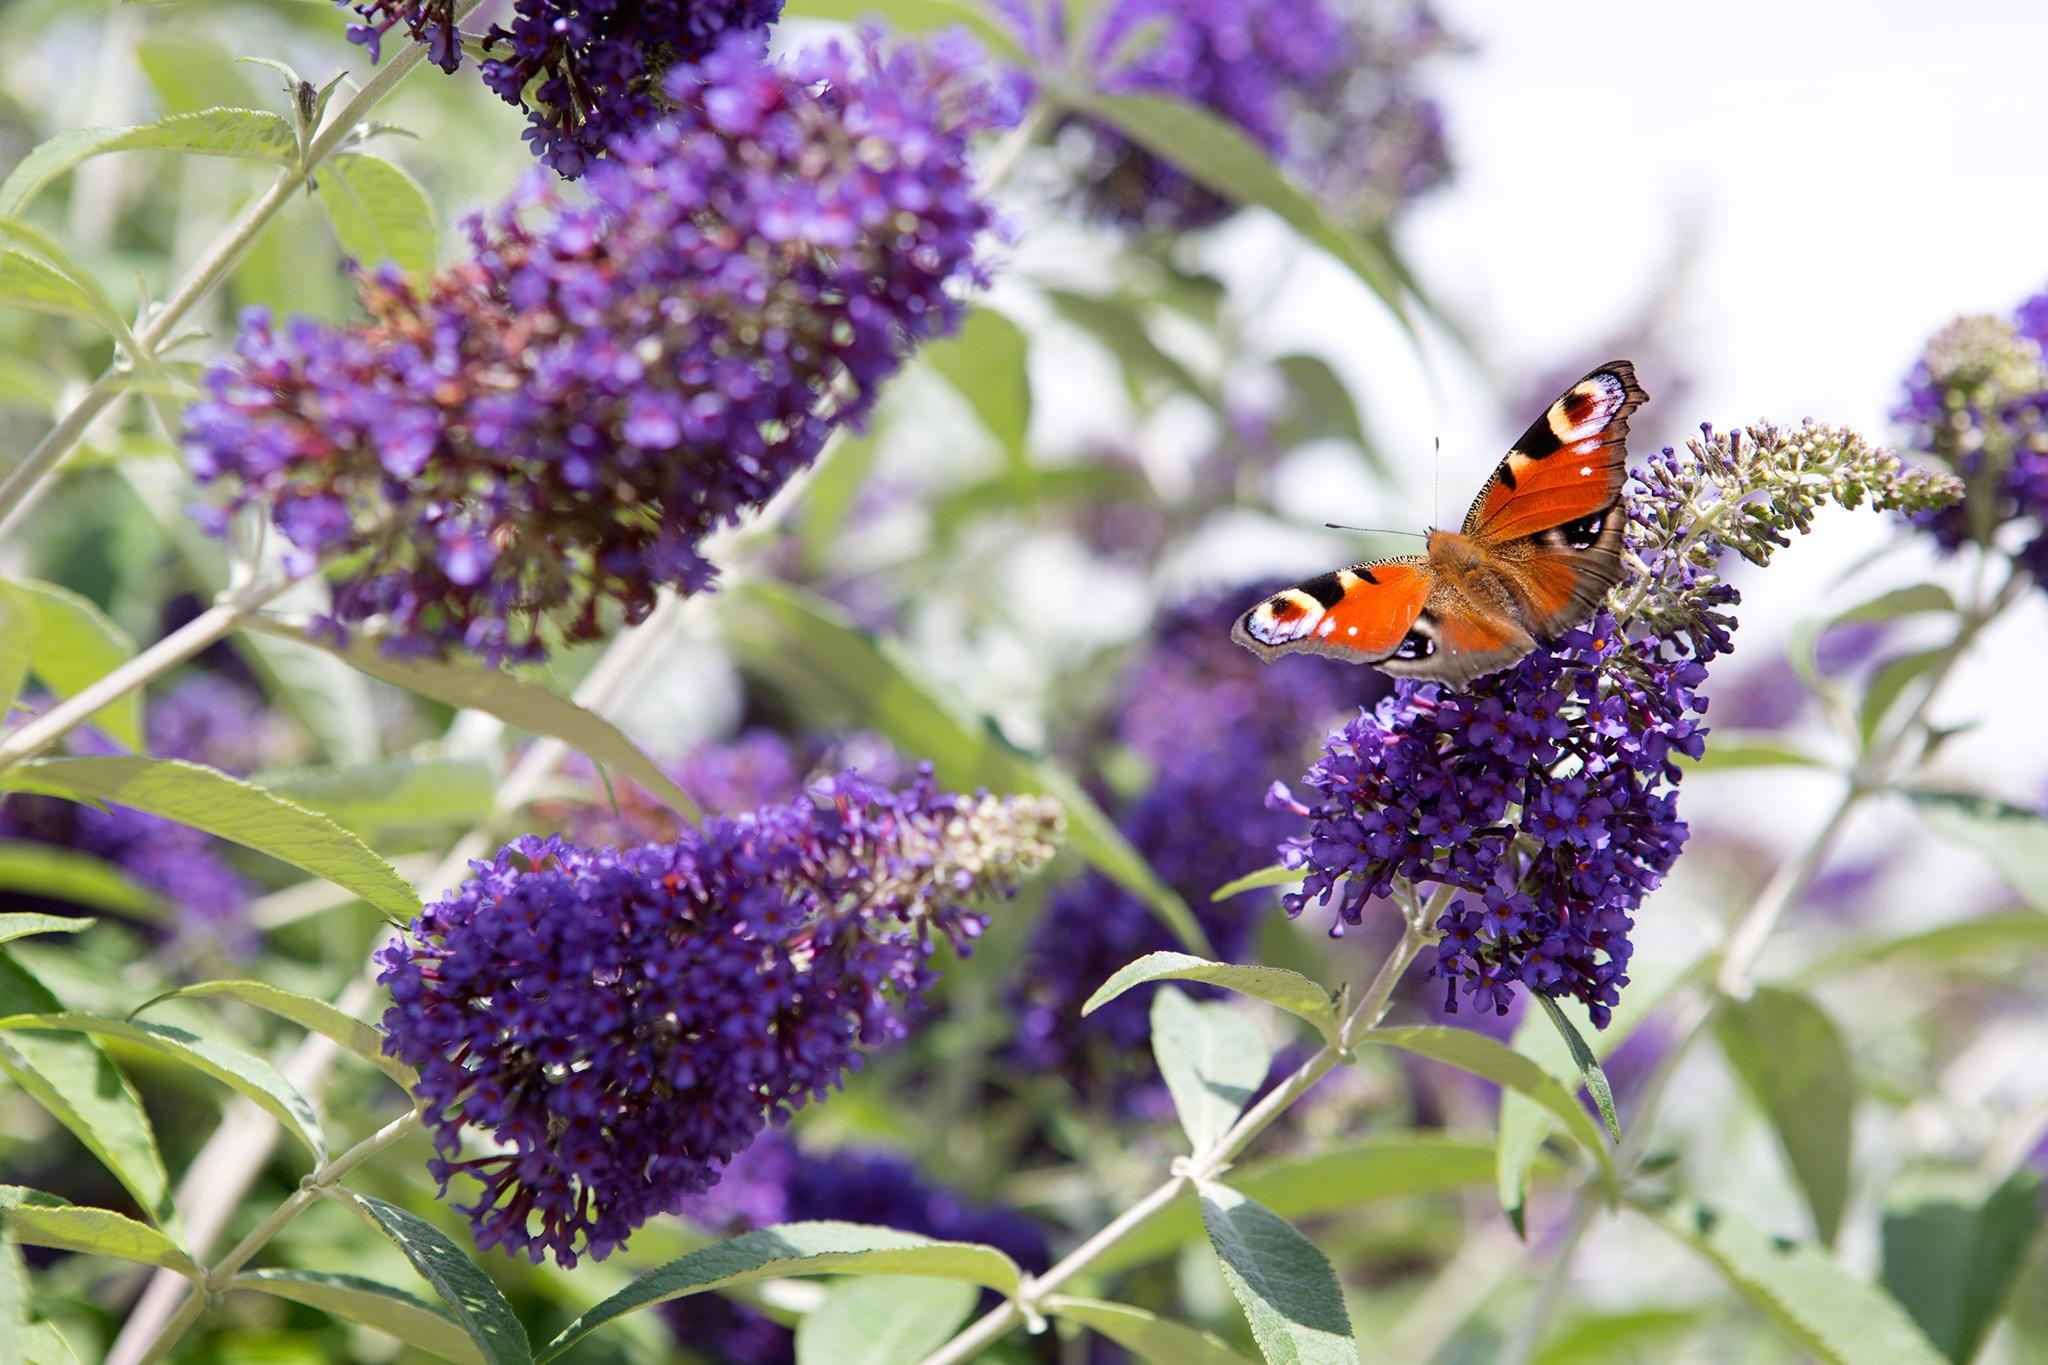 Shrubs for butterflies - Buddleja davidii 'Cotswold Blue'